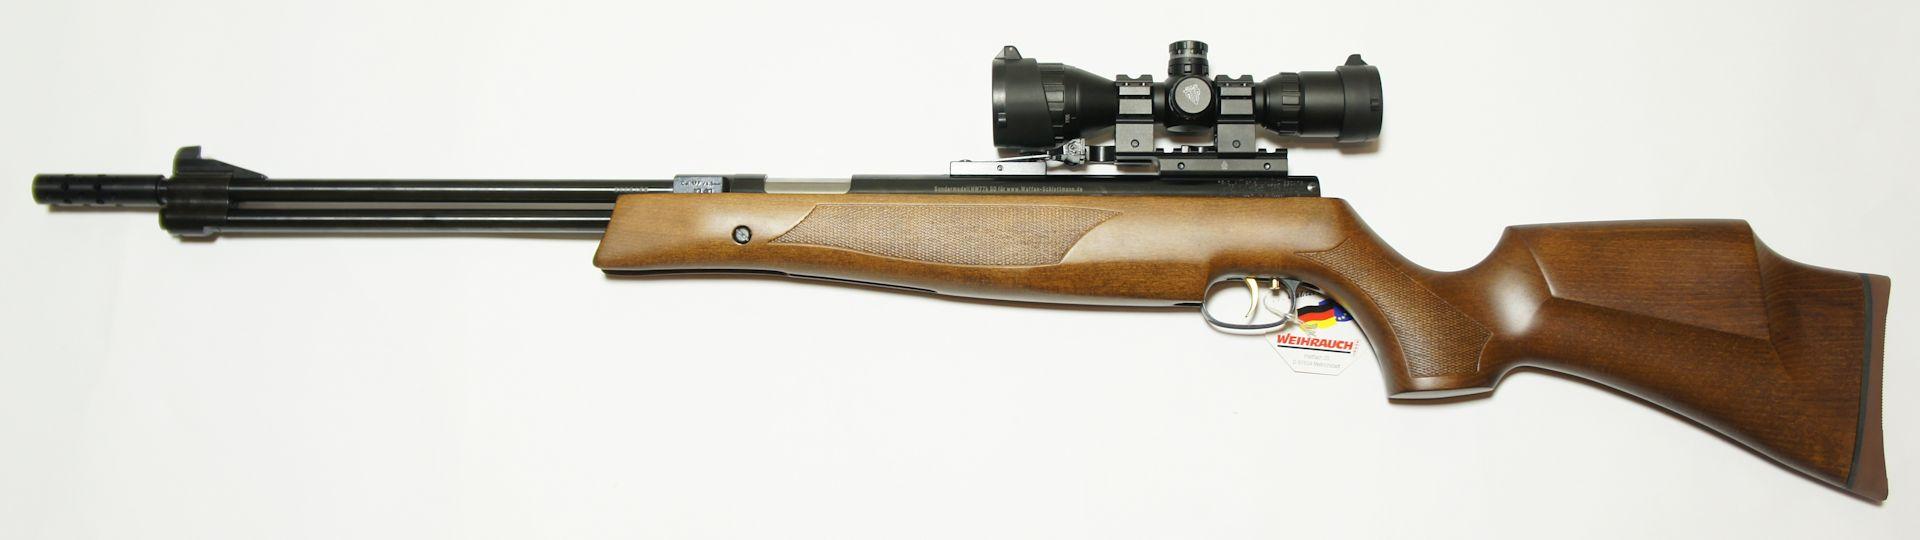 Starkes Luftgewehr Weihrauch HW 77 K sd mit Kompensator und jagdlicher Schäftung mit ZF